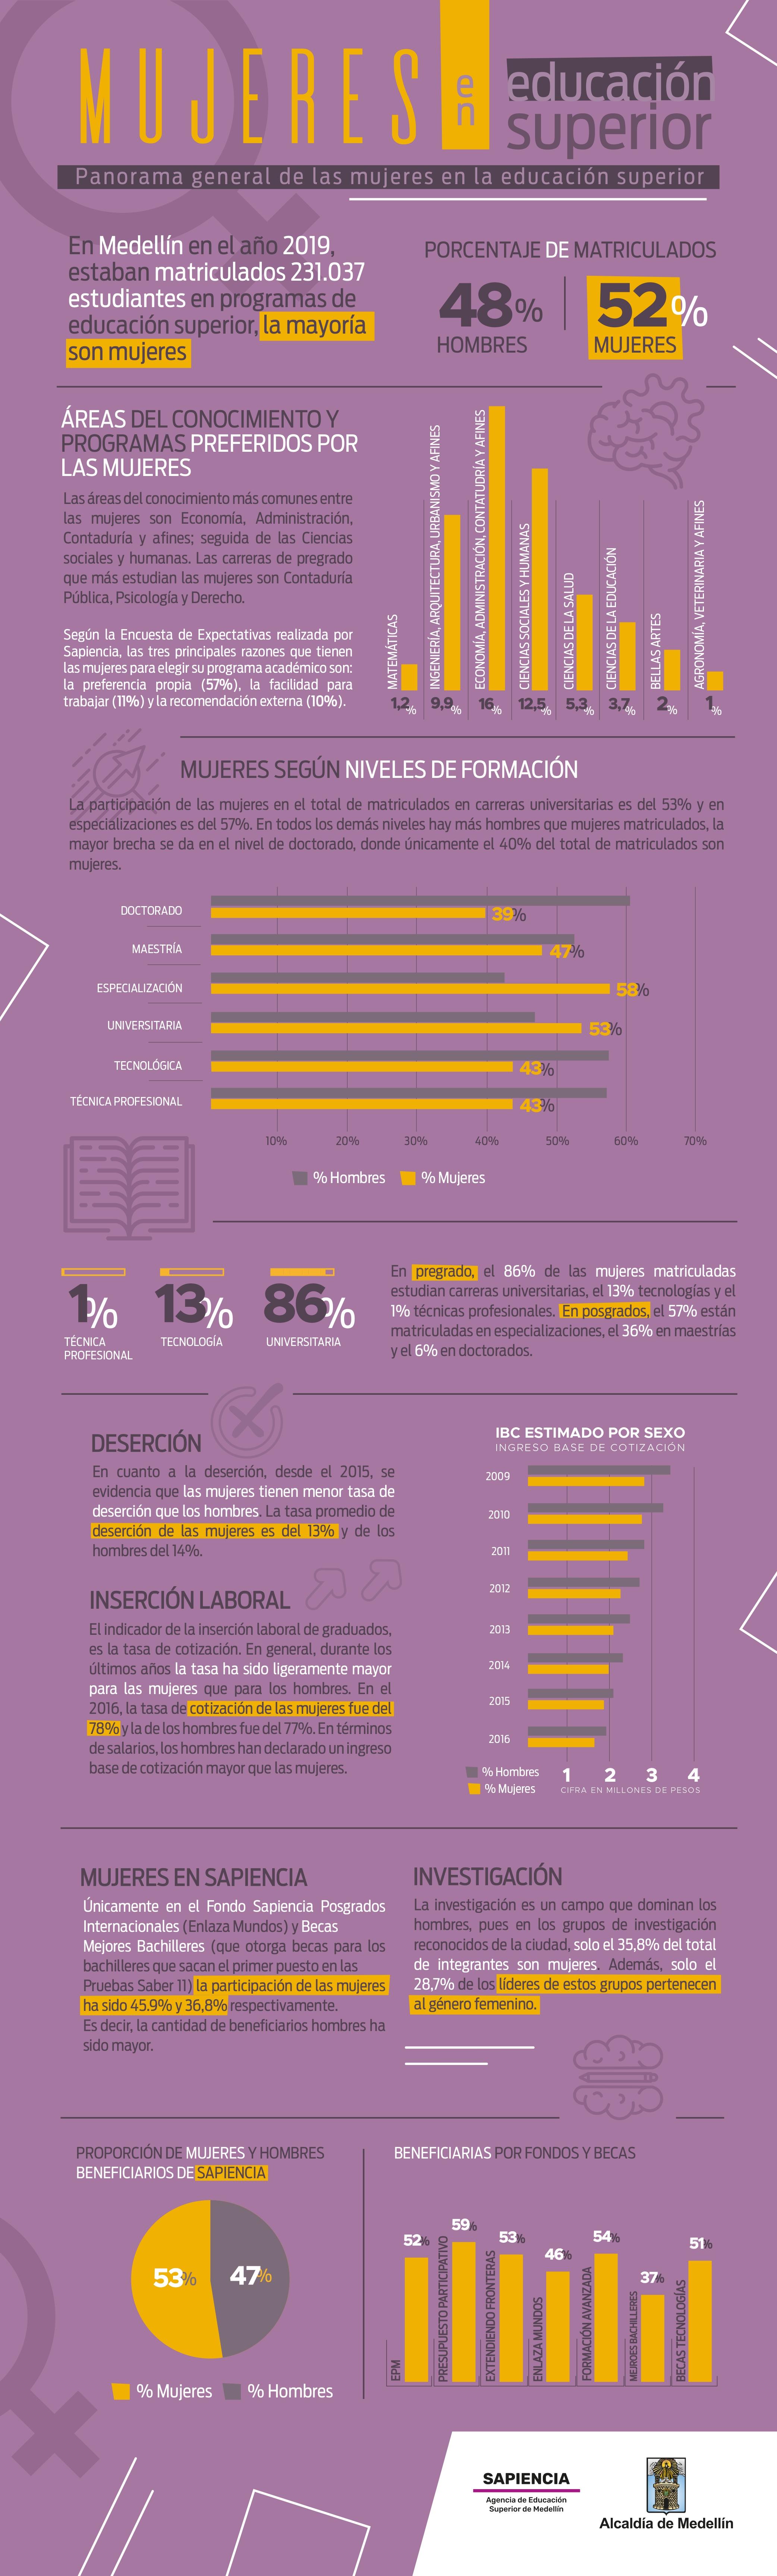 infogra-mujeres-educacion-superior_marzo_2020_v2